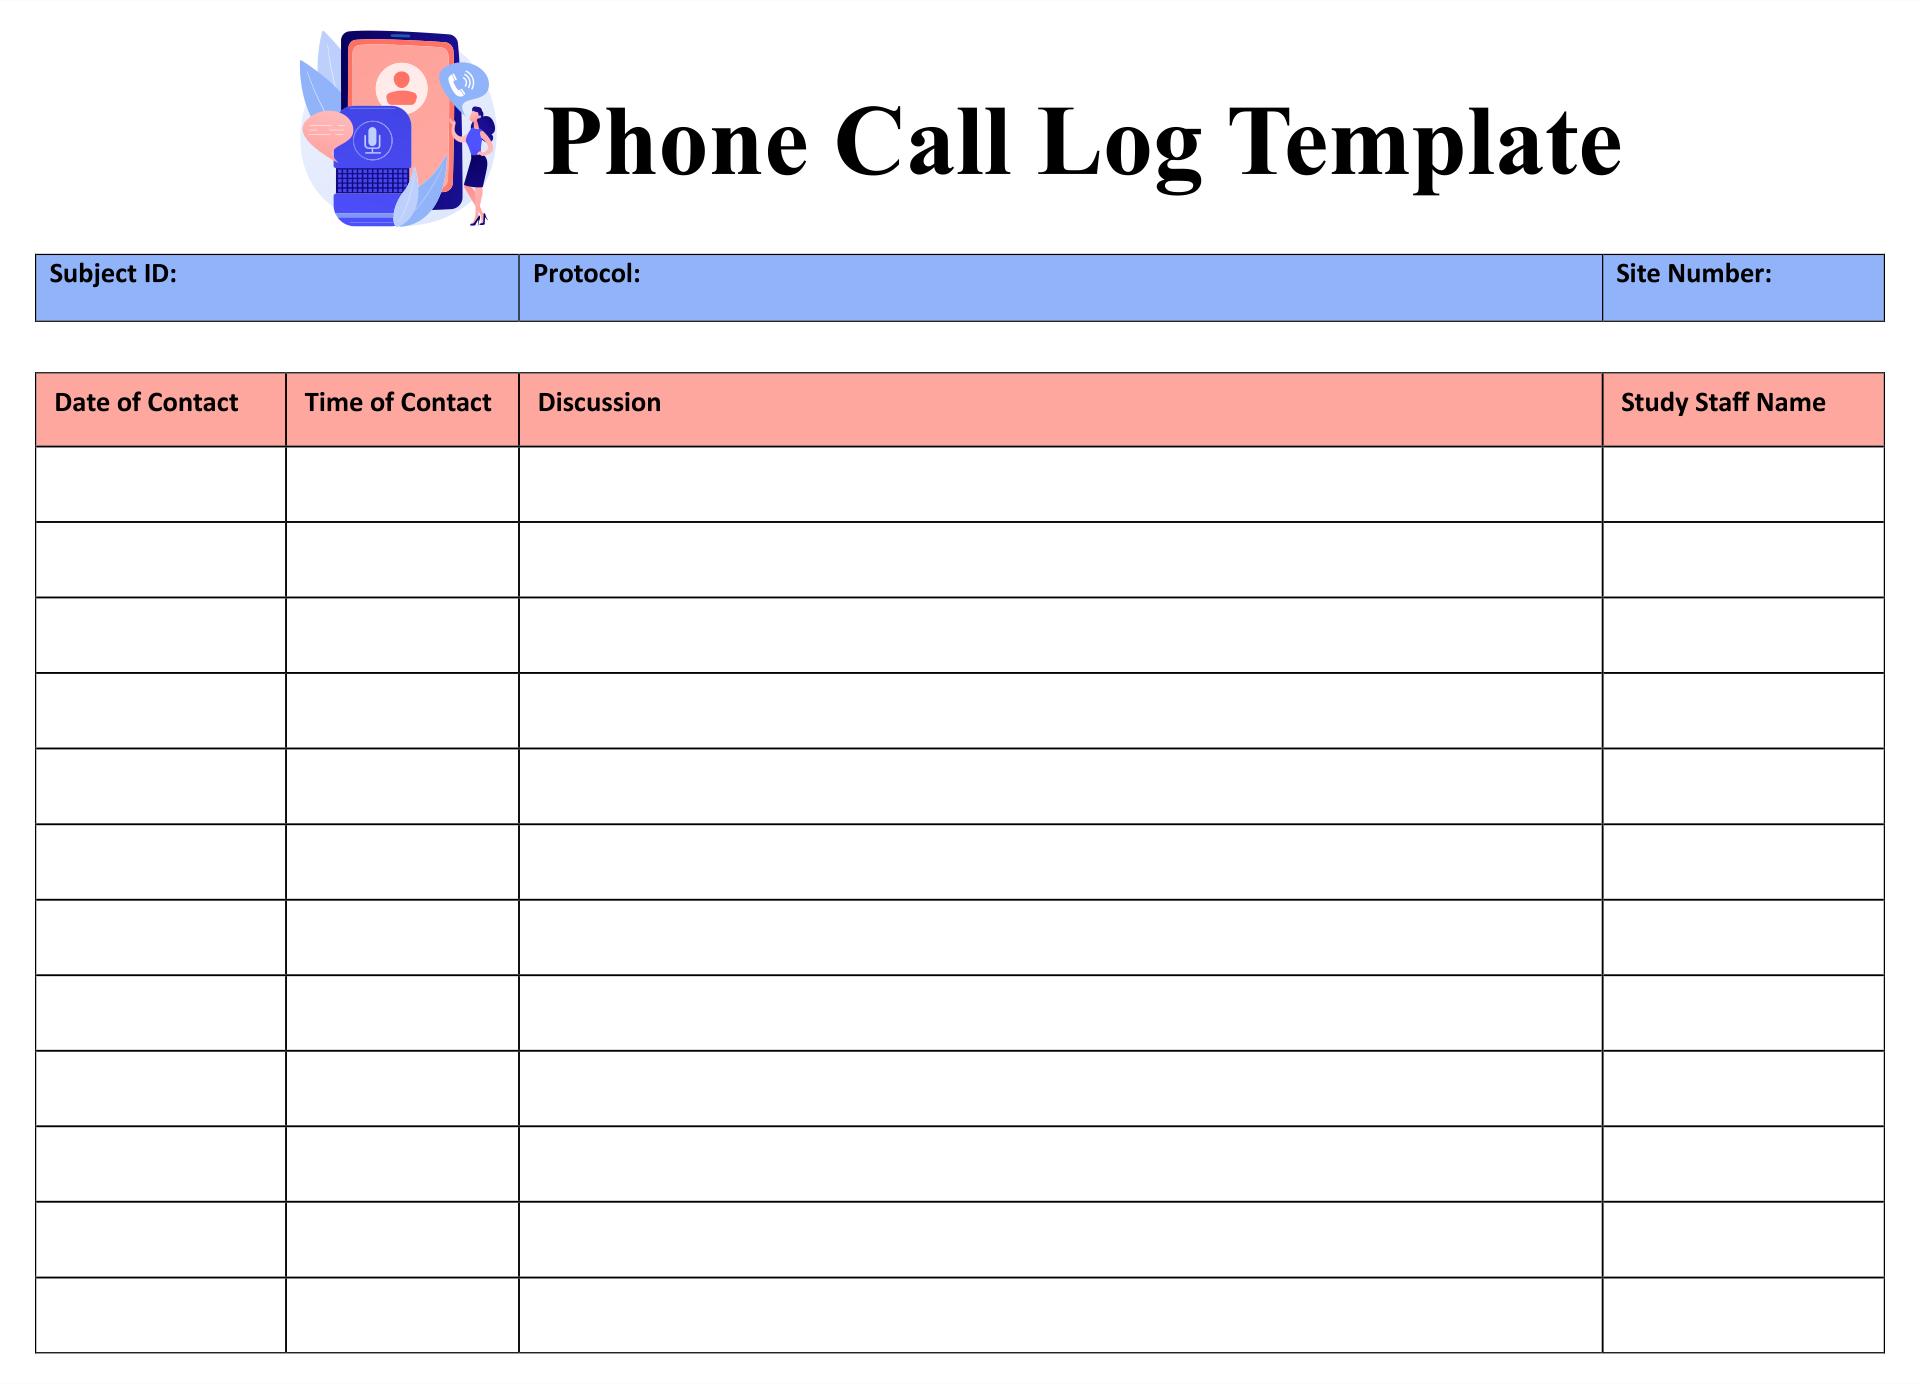 Phone Call Log Template Printable